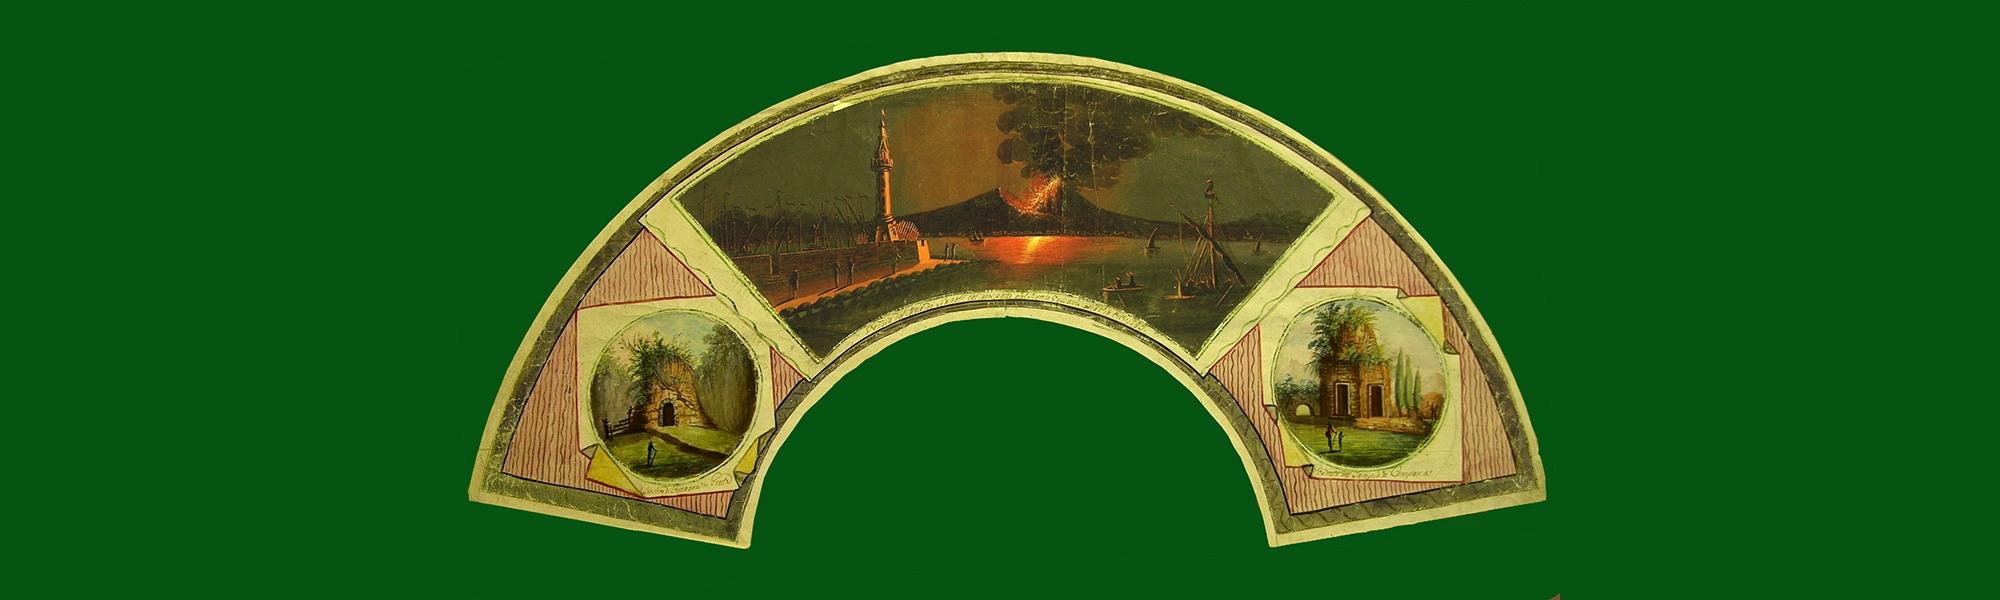 Napoli Eruzione 1779-Sepolcro di Gaeta